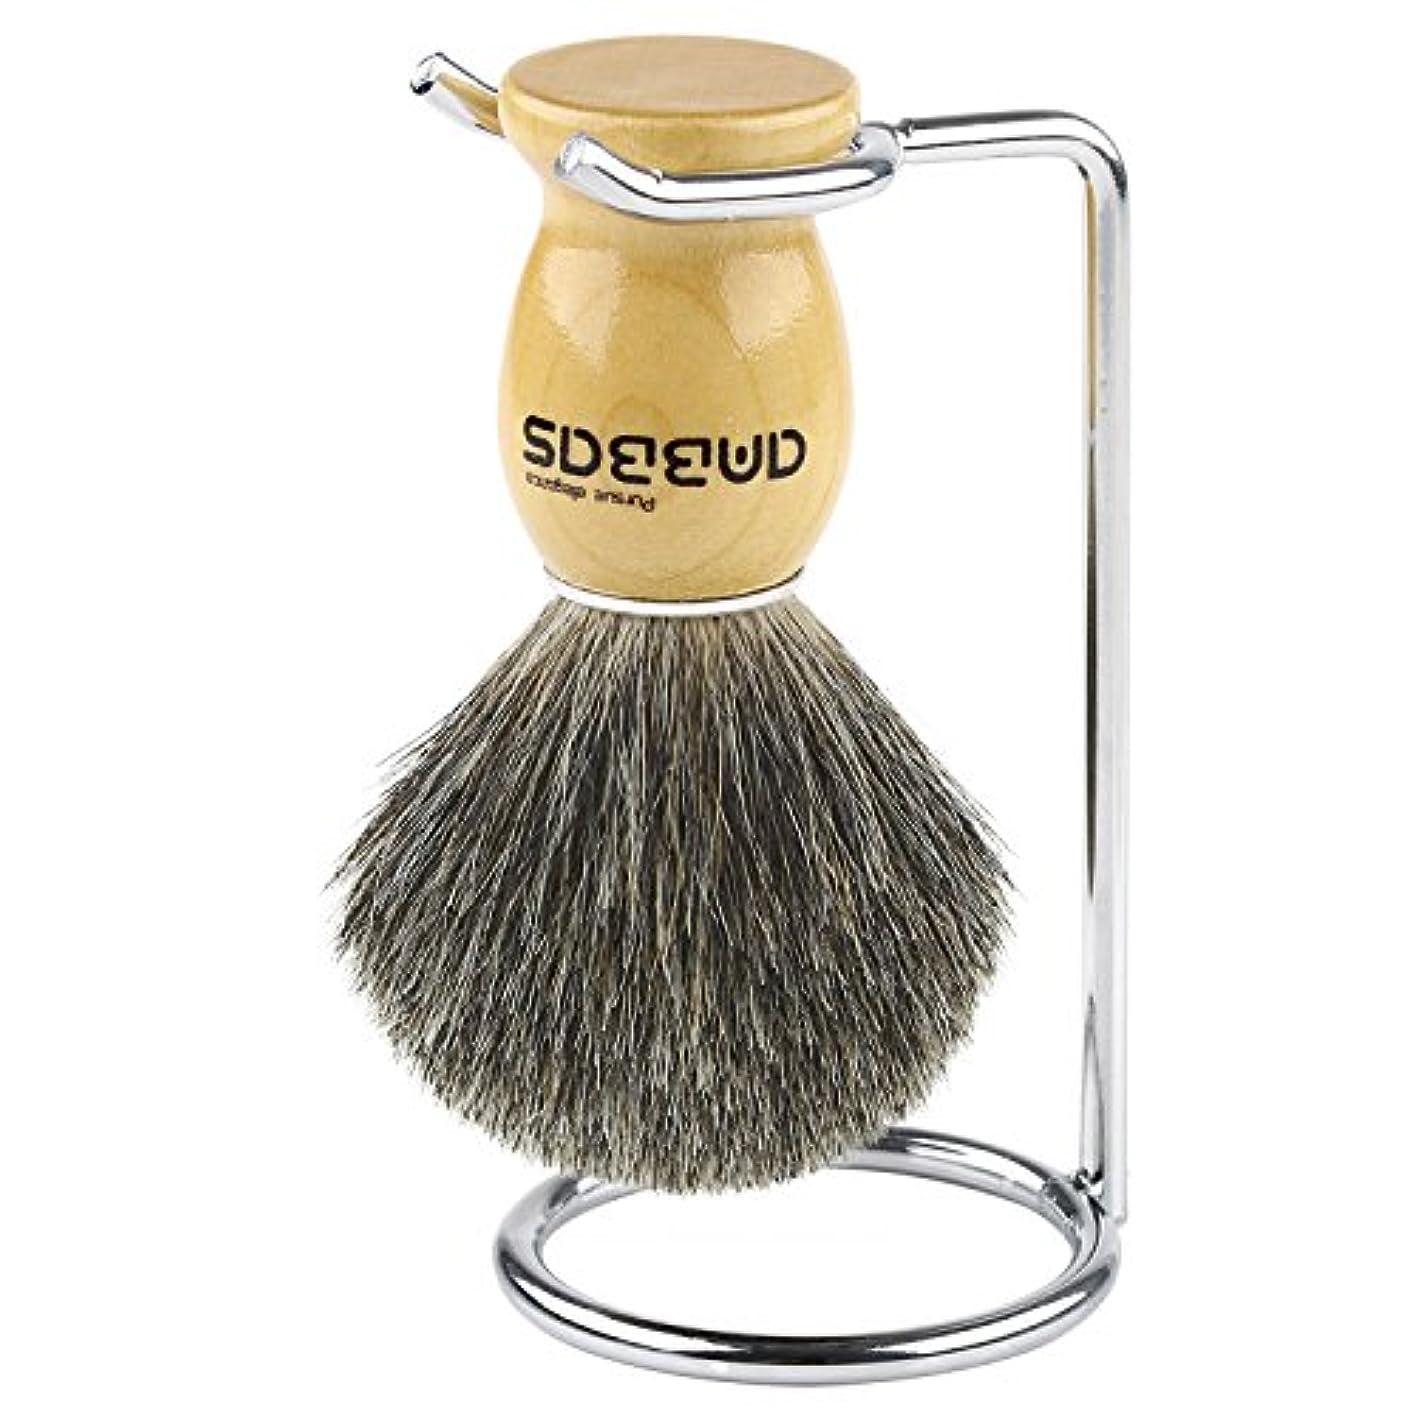 農学一般咲くAnbbas シェービングブラシセット アナグマ毛 ブラシ+スタンド 2点セット メンズ 髭剃り 泡立ち 洗顔ブラシ